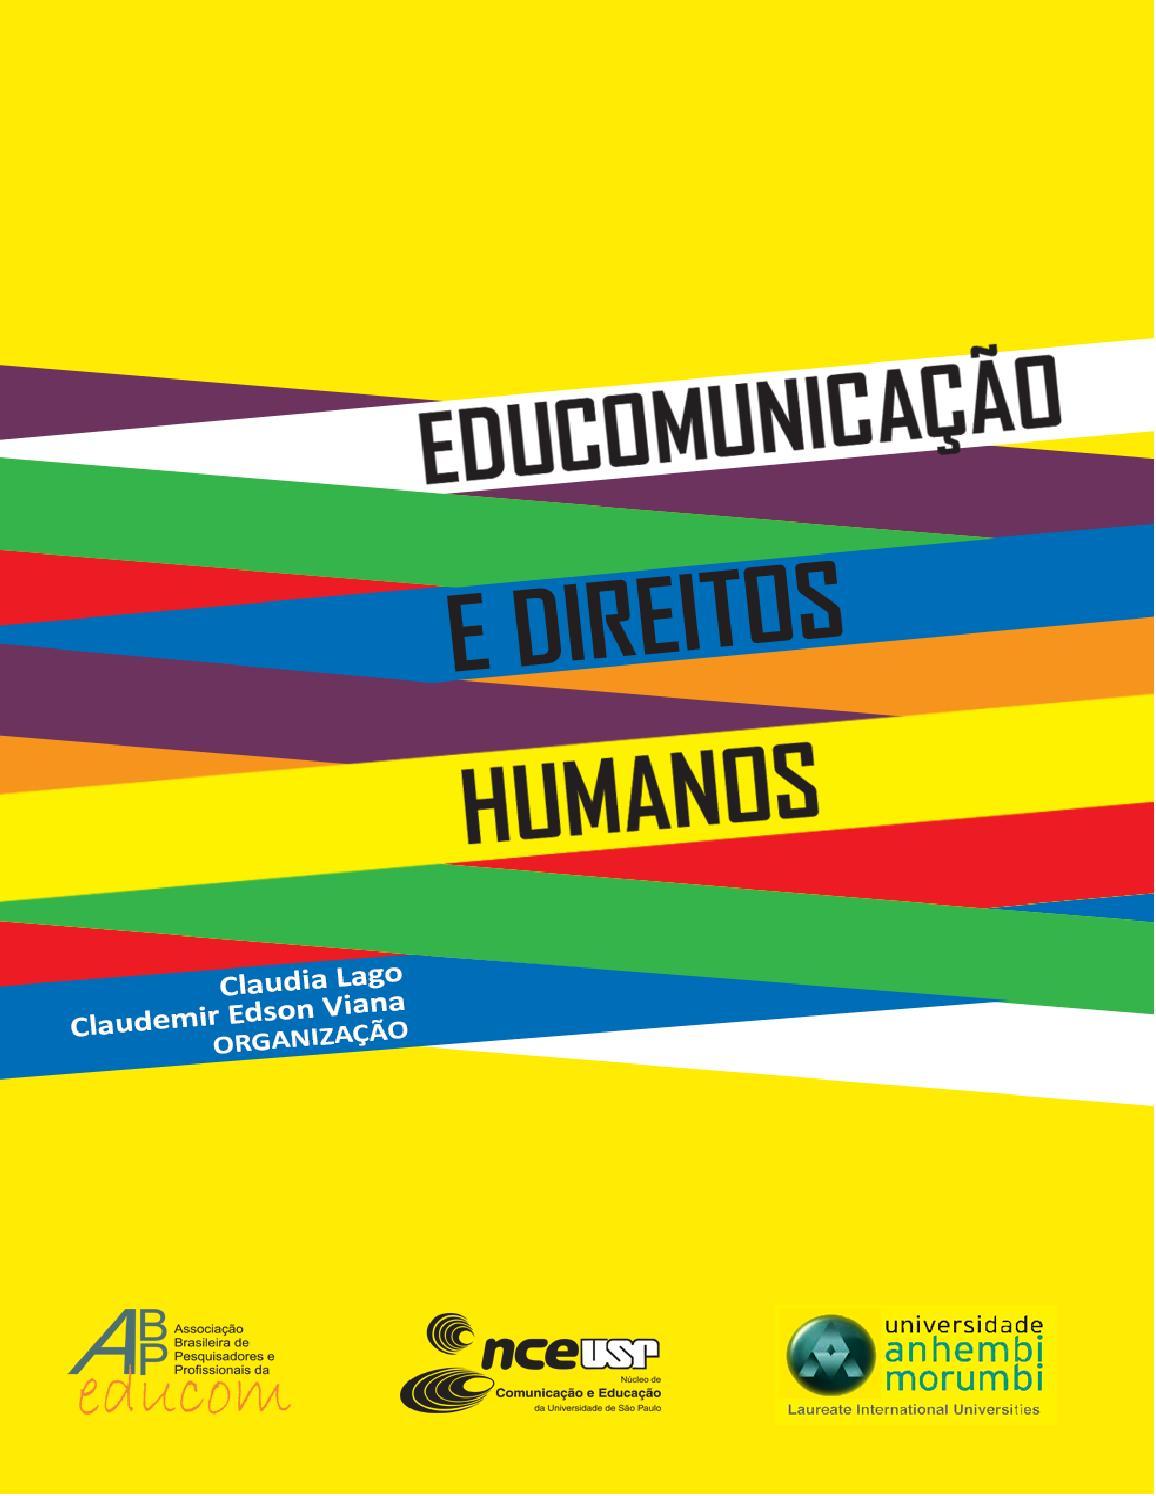 Educomunicação e direitos humanos by ABPEducom - issuu 31d09f519d